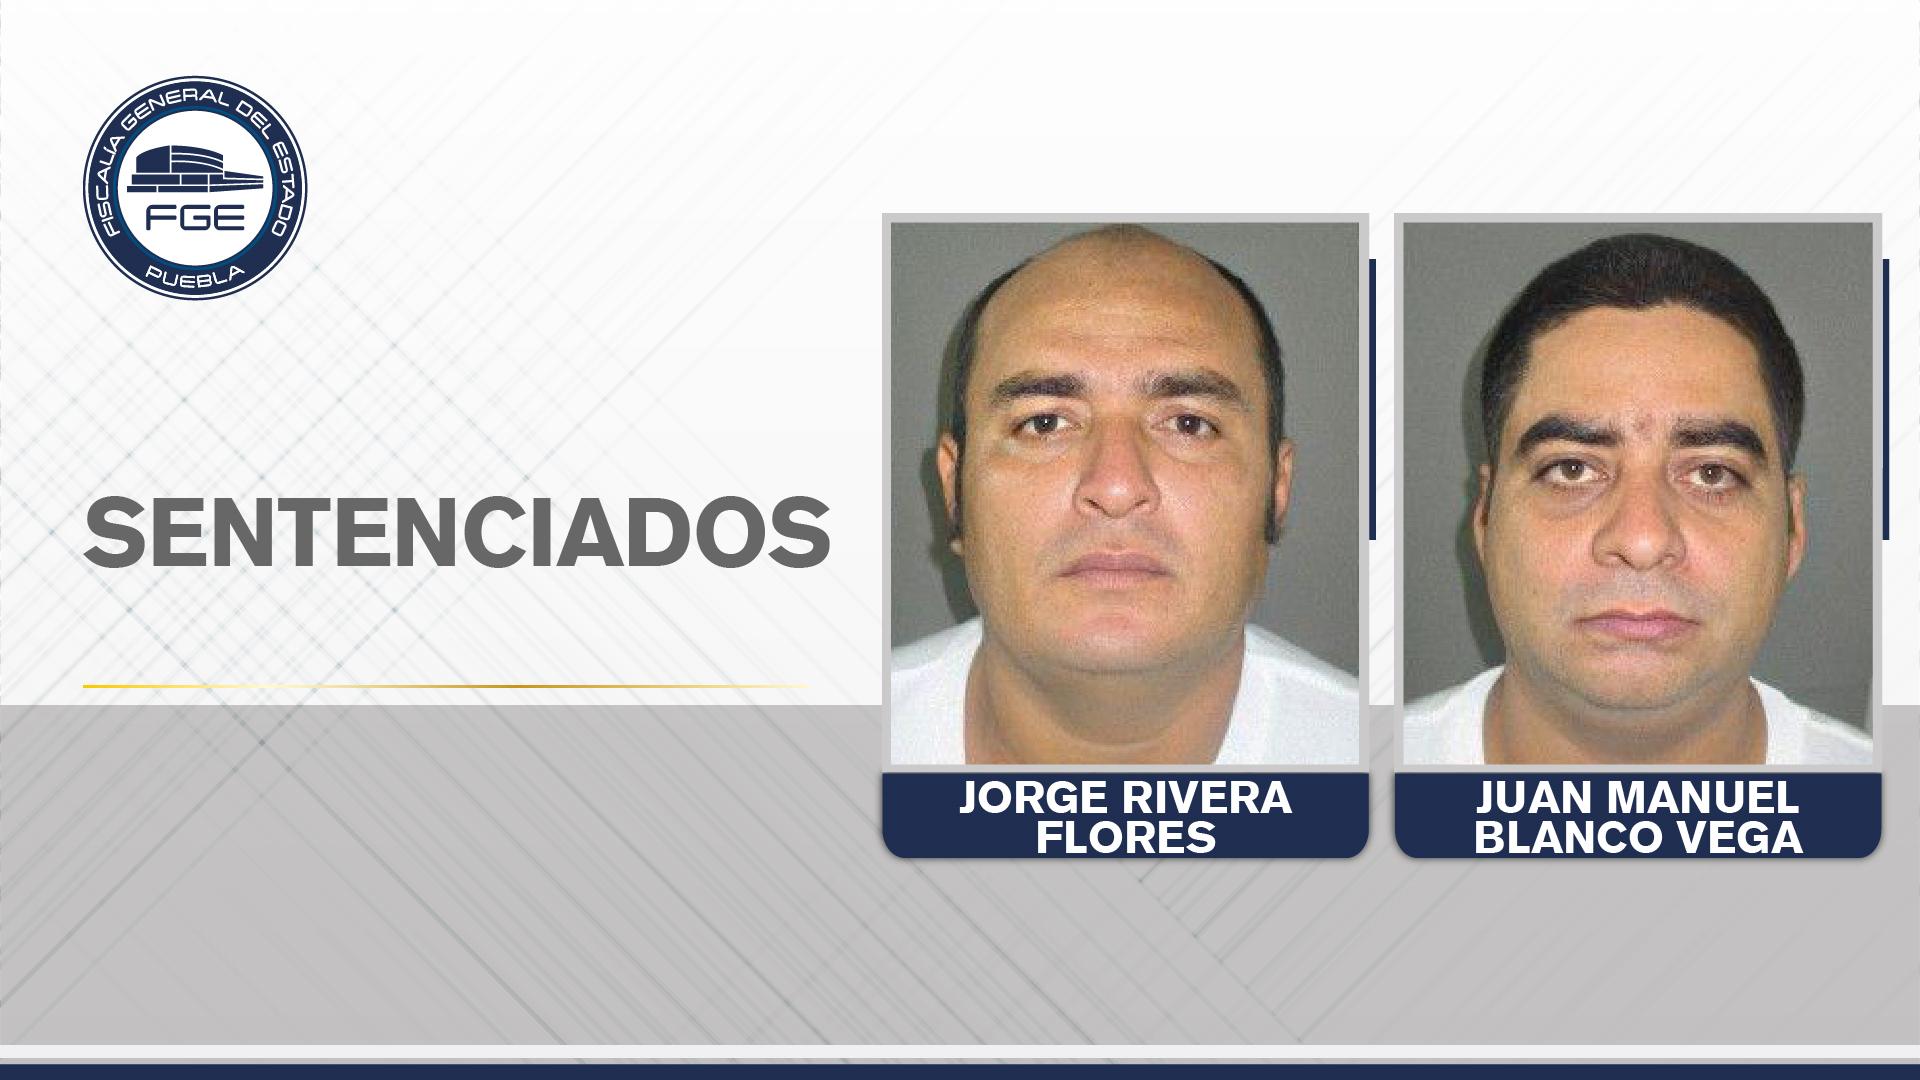 Sentenciados a 23 años de cárcel por asesinar a un hombre y a una mujer en un evento en Tenampulco